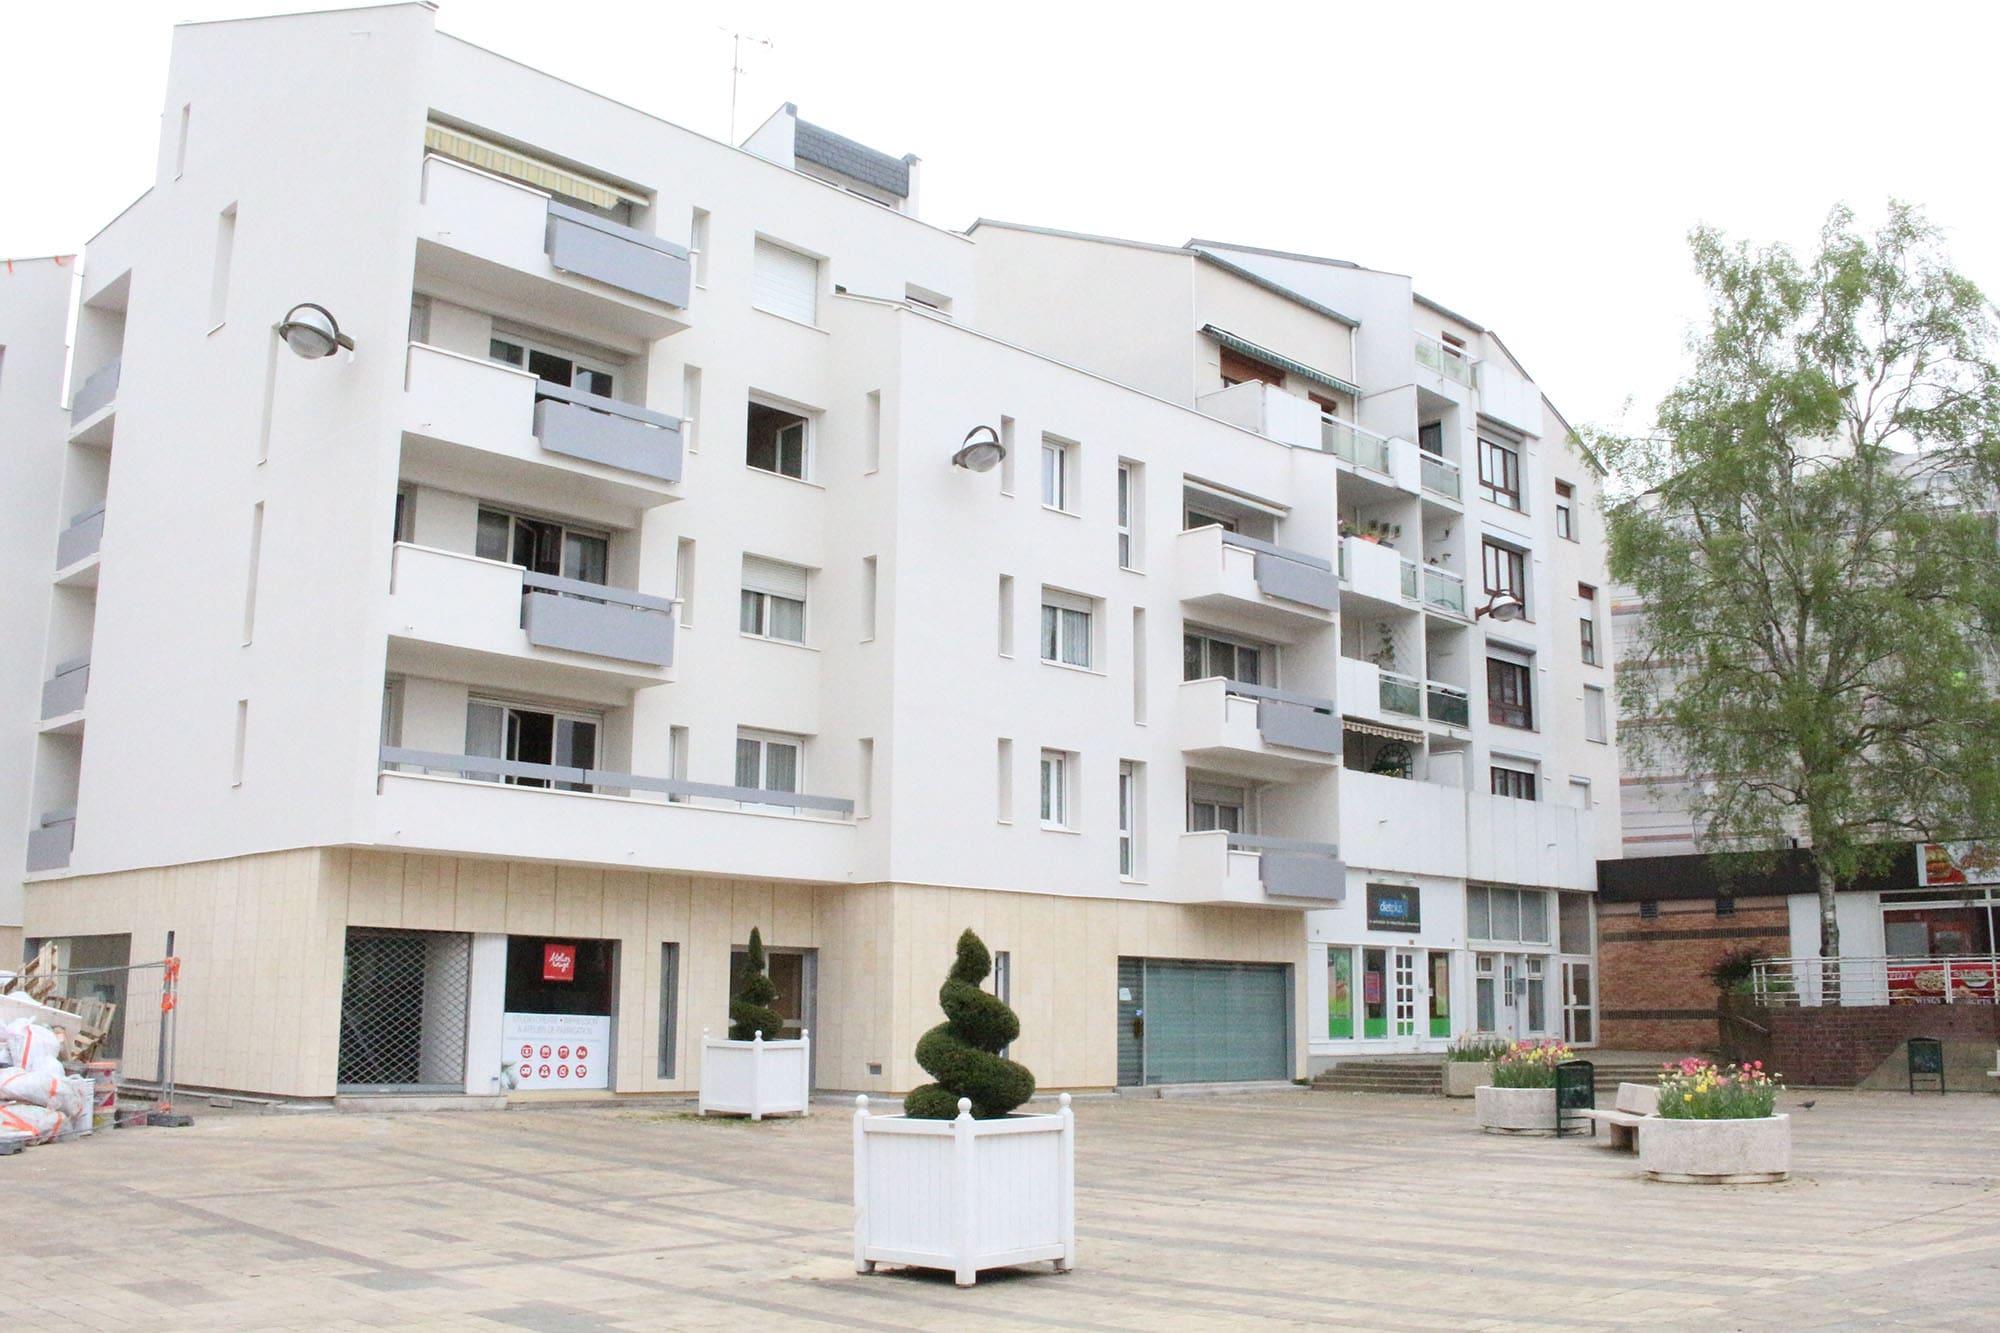 Une vraie rénovation plutôt qu'un ravalement de façade simple ! - Hauts-de-France Pass Rénovation